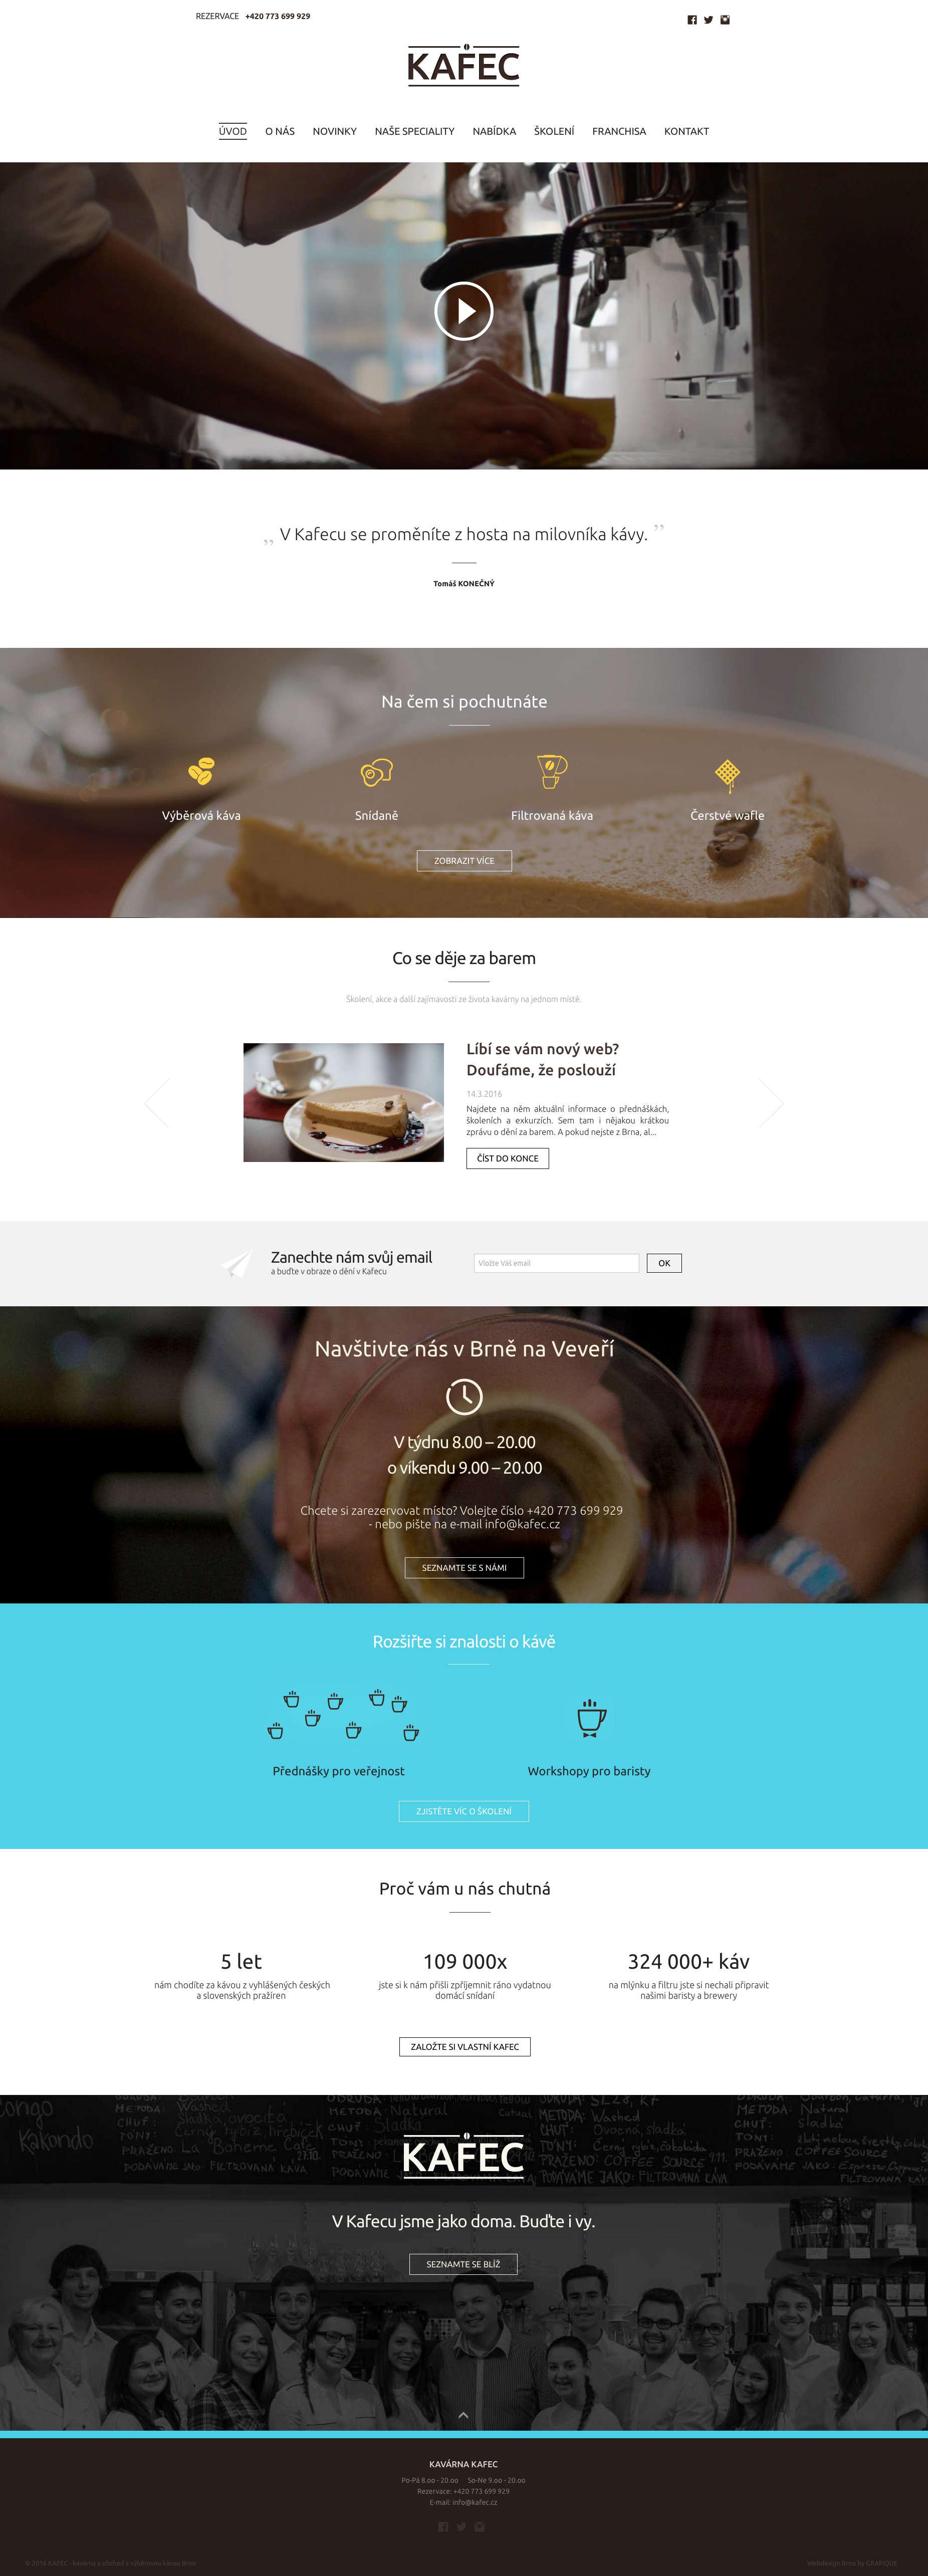 Web kavárny KAFEC - realizace, Webdesign